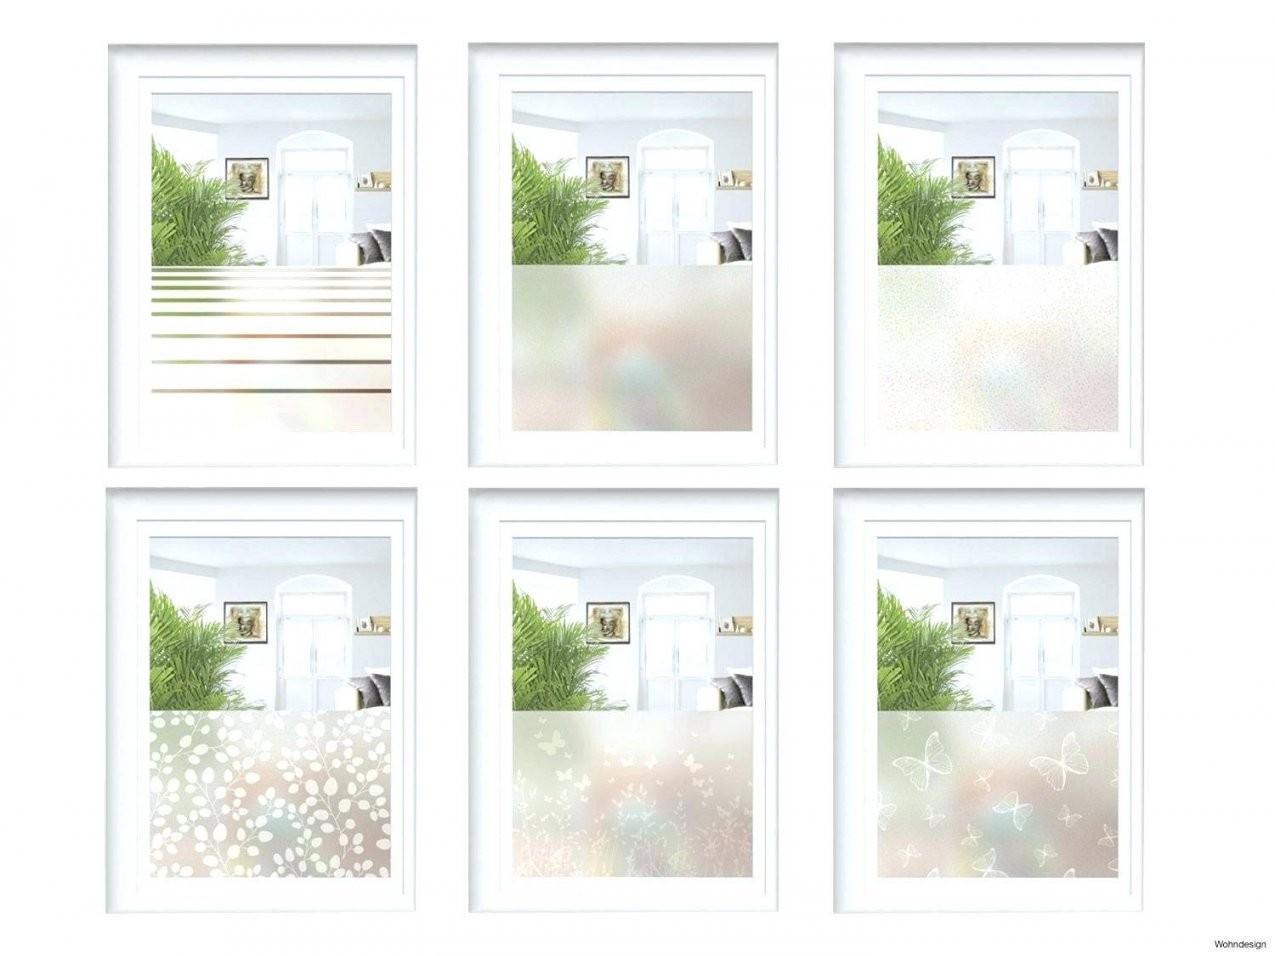 Einzigartig Fenster Sichtschutzfolie Folie Fur Sichtschutz Anbringen von Fensterfolie Sichtschutz Bad Photo